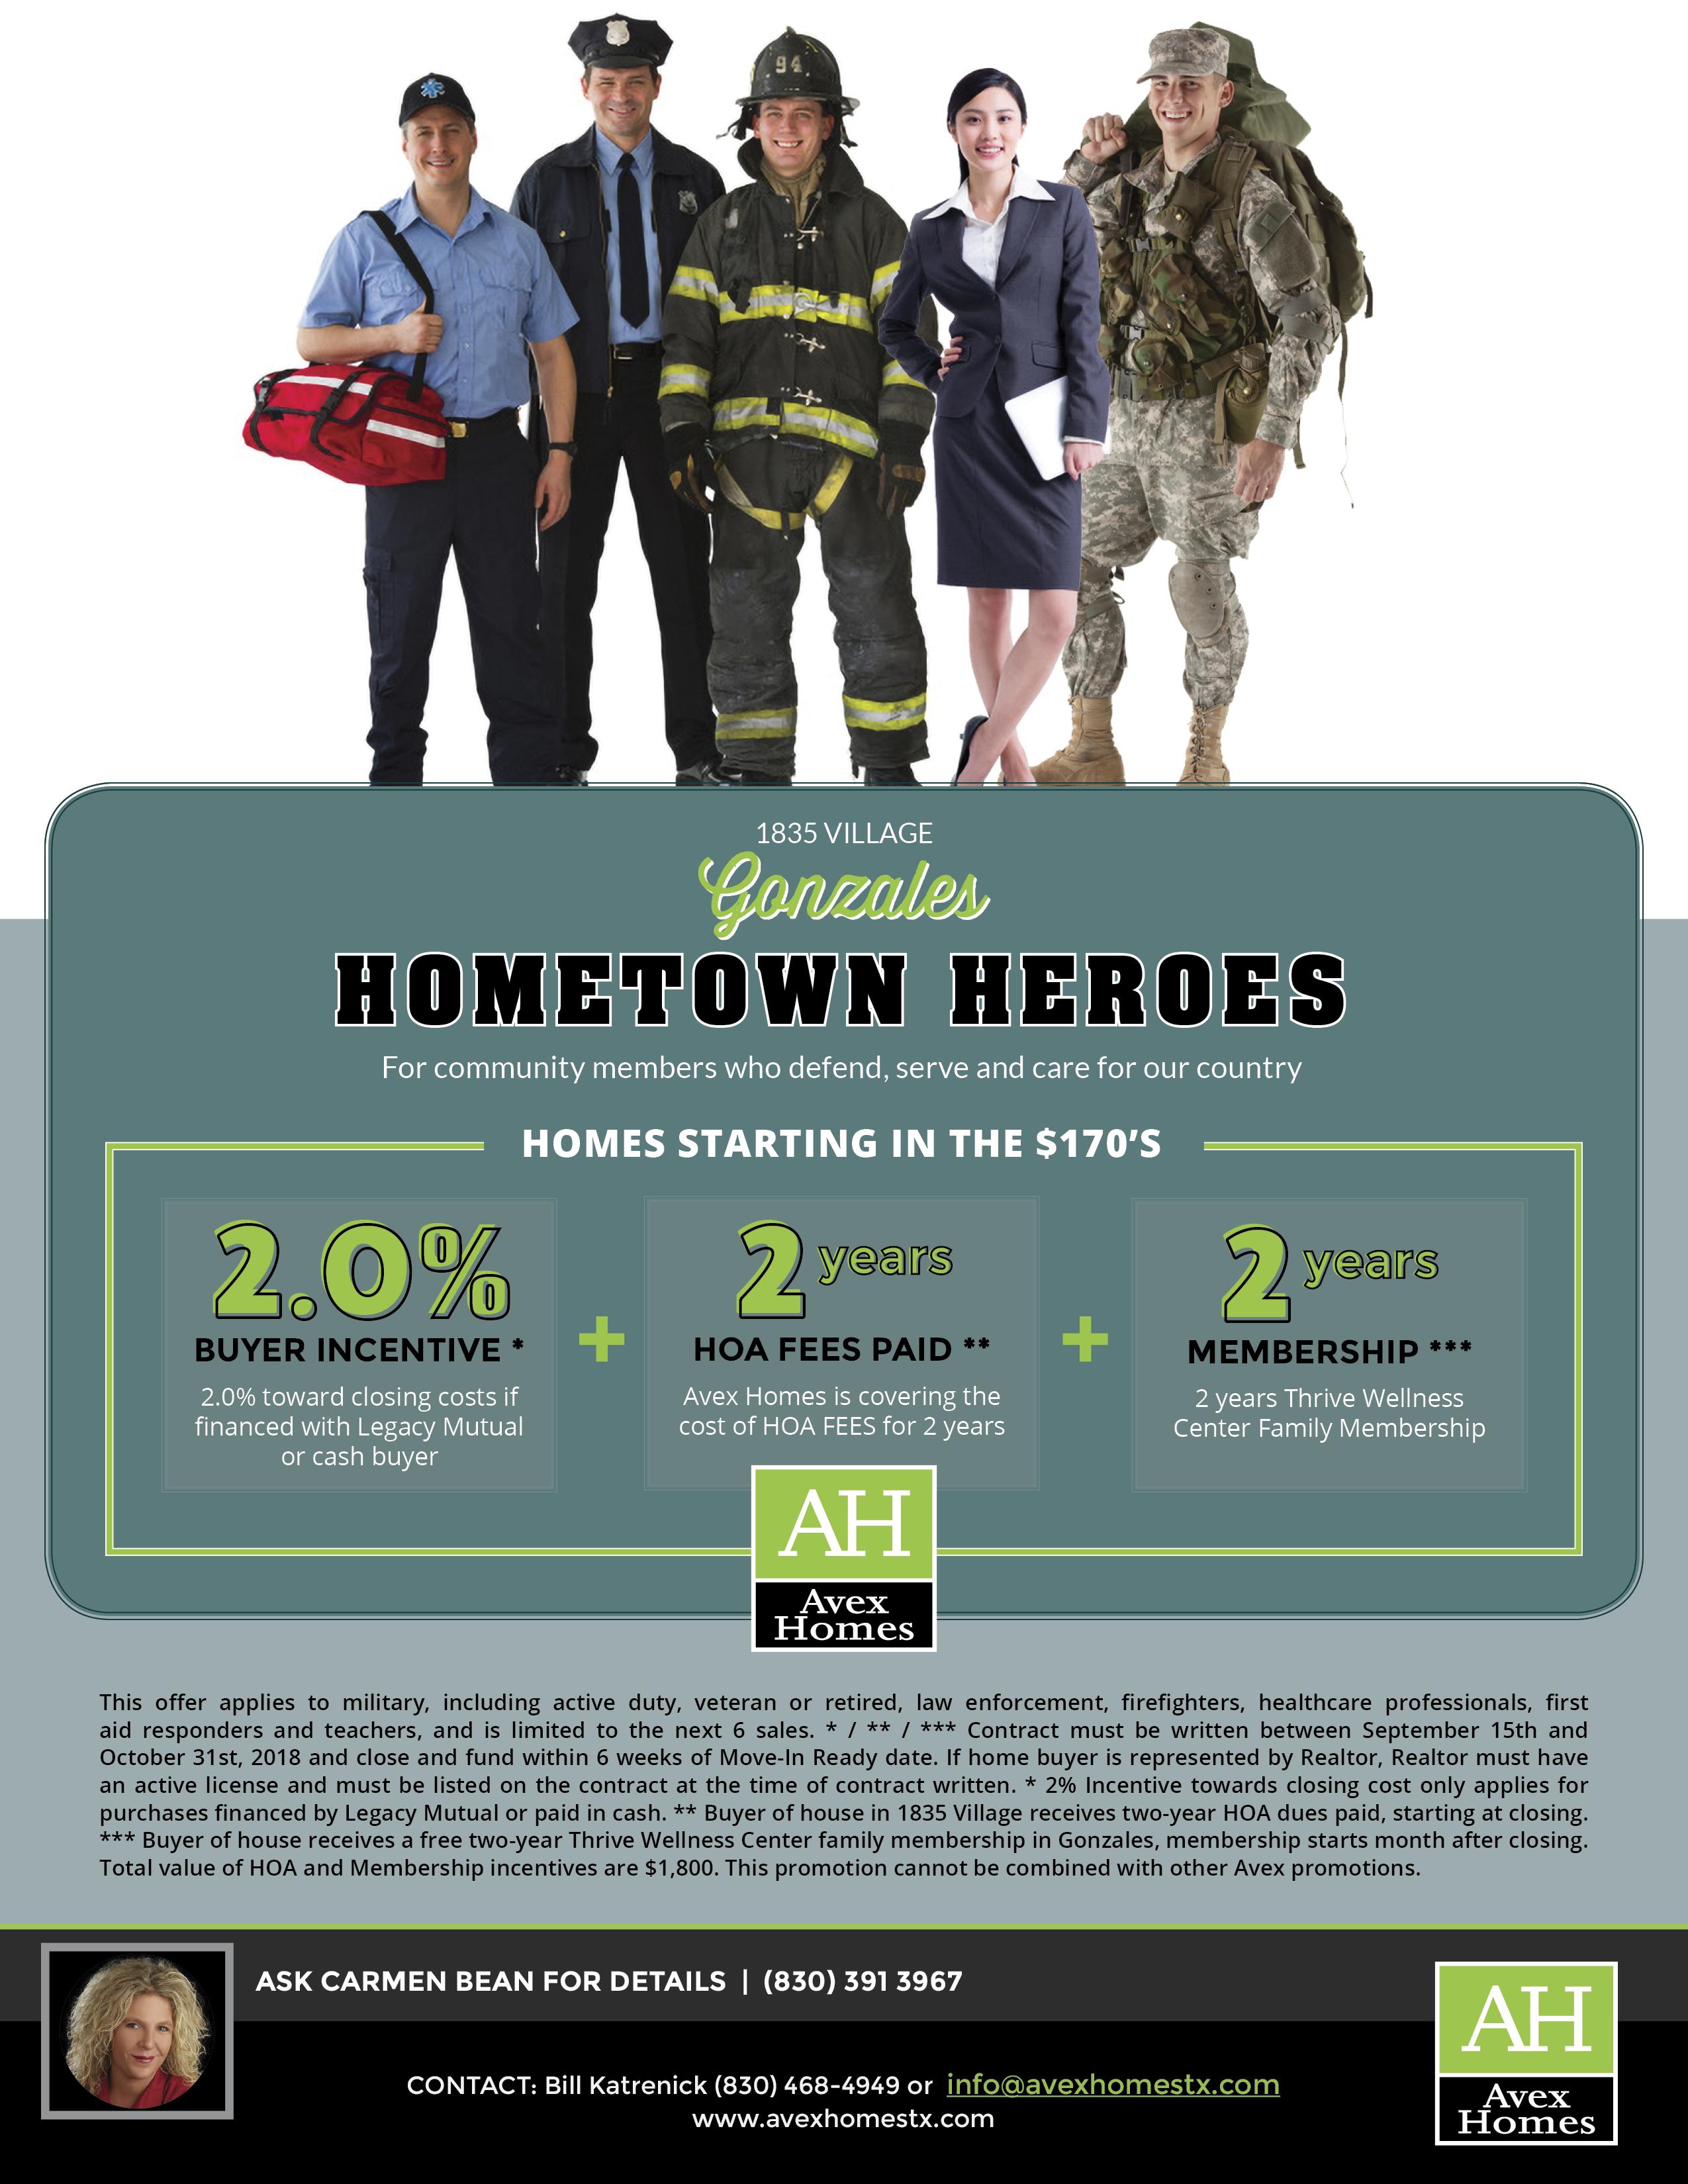 Avex-Hometown-Heroes-Gonzales